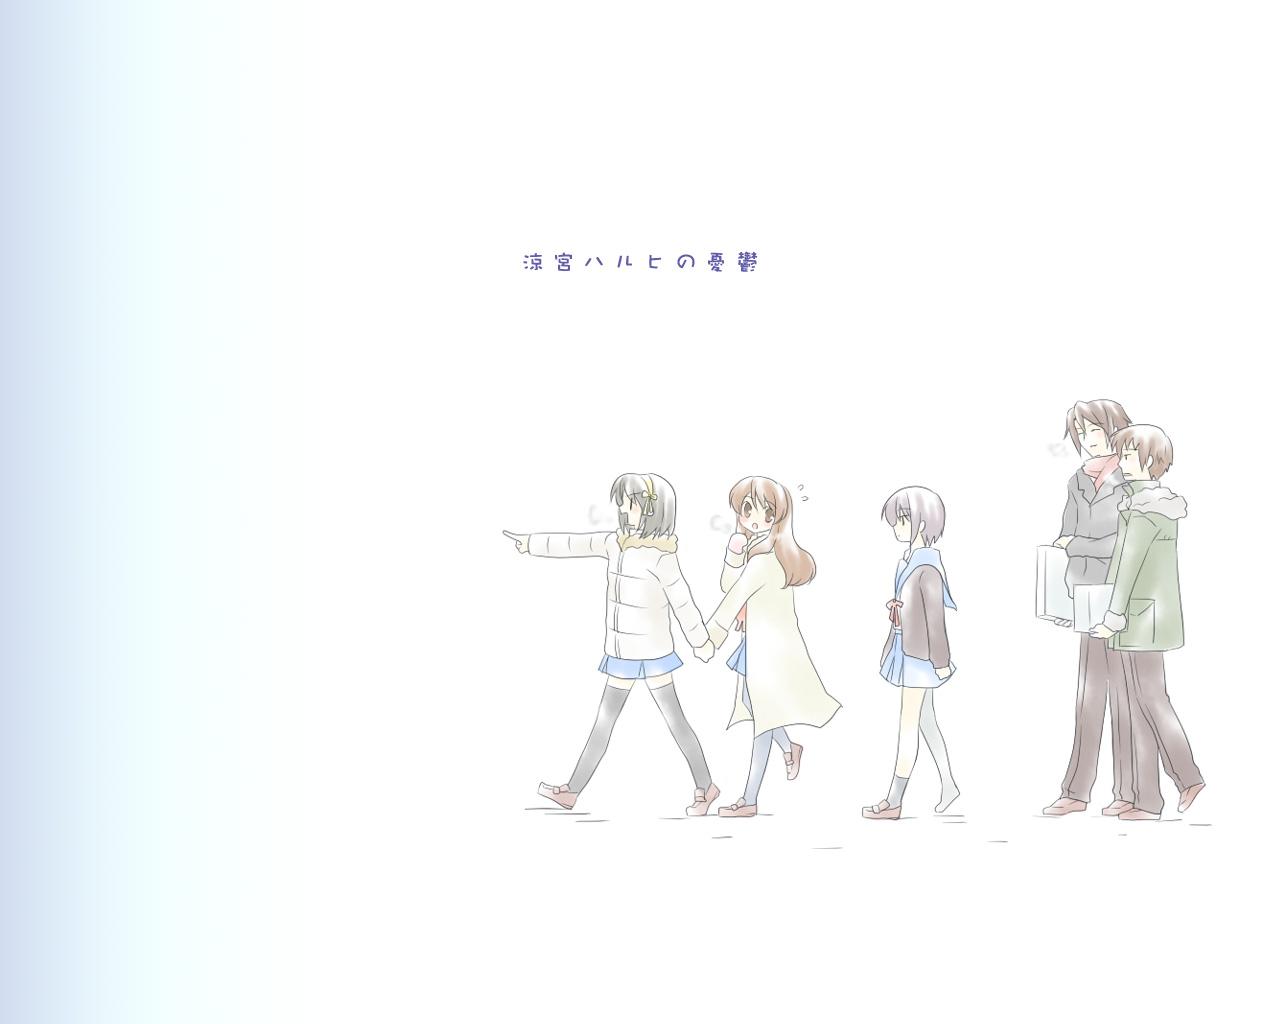 asahina_mikuru group koizumi_itsuki kyon male nagato_yuki suzumiya_haruhi suzumiya_haruhi_no_yuutsu white winter